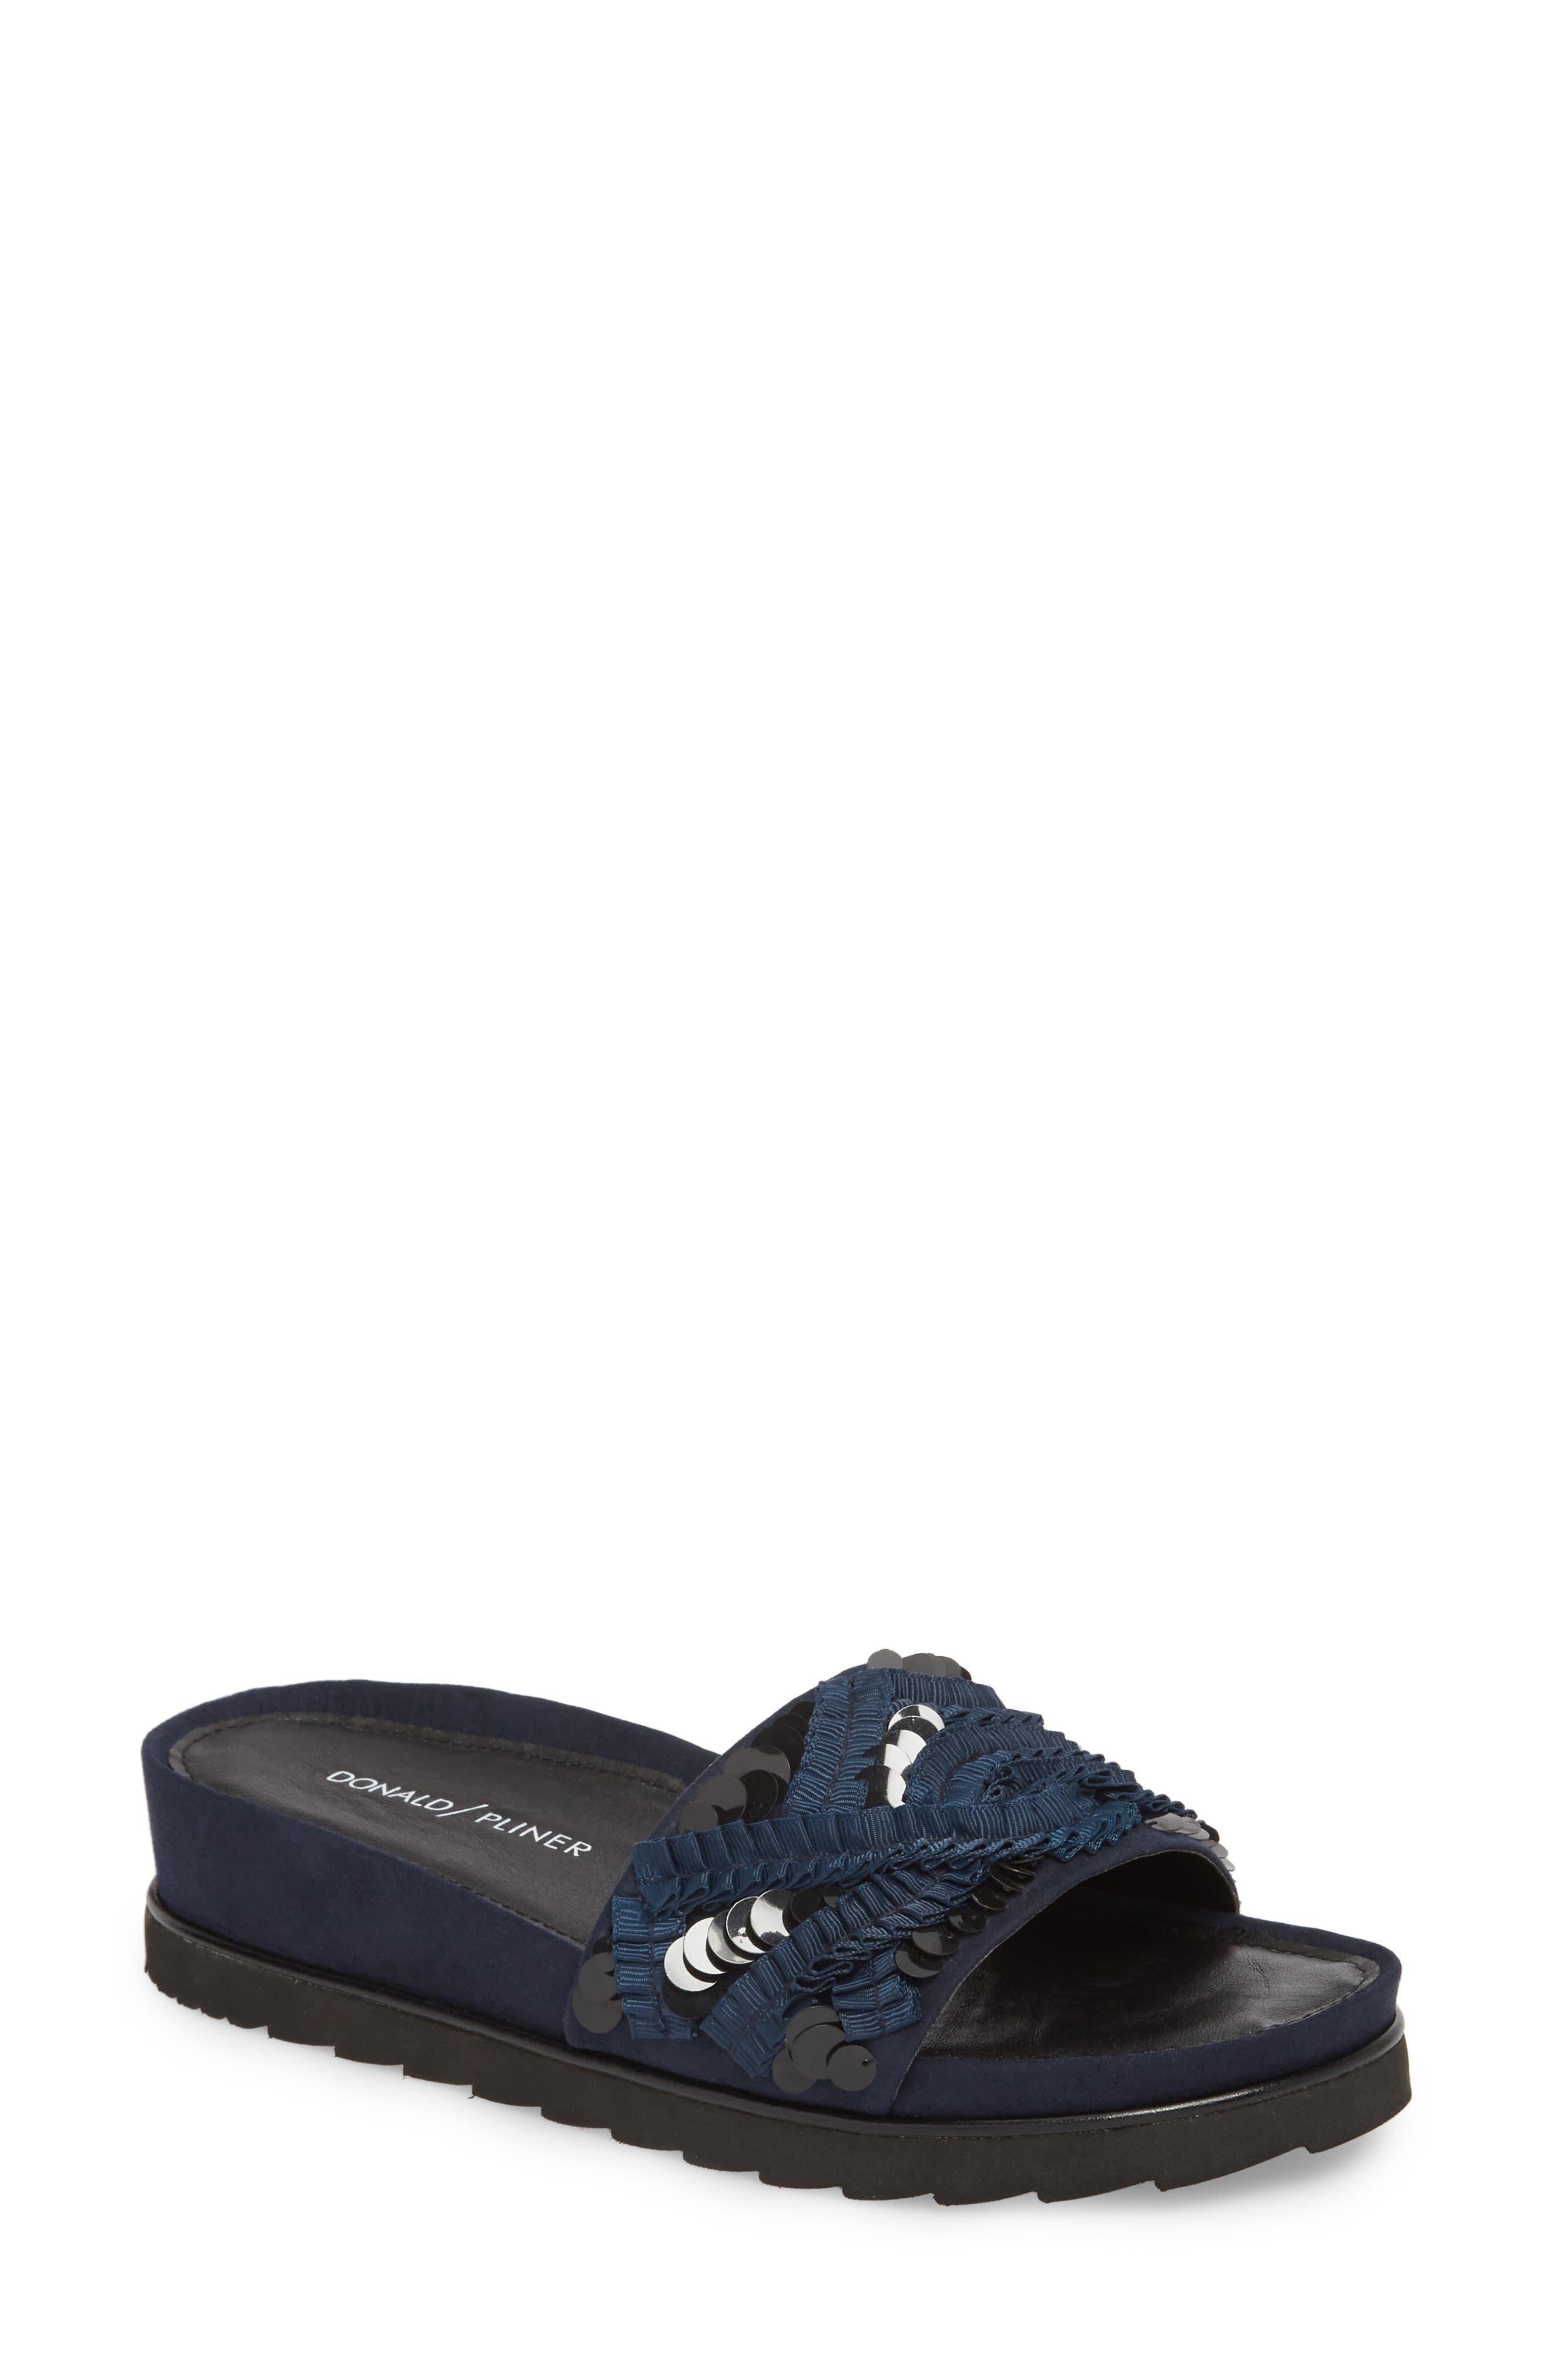 Cava Slide Sandal,                             Main thumbnail 2, color,